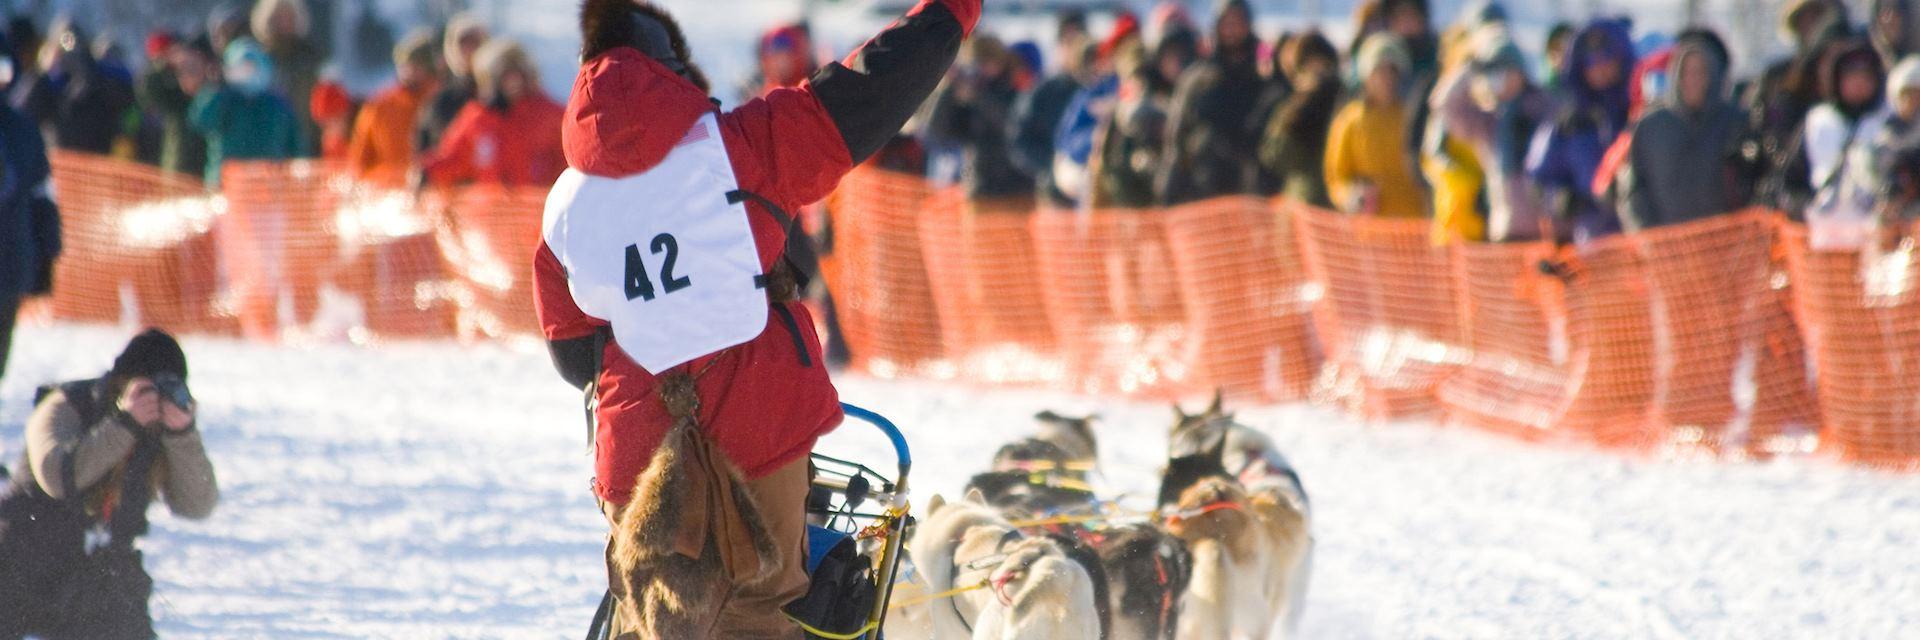 Sled race in Nome, Alaska